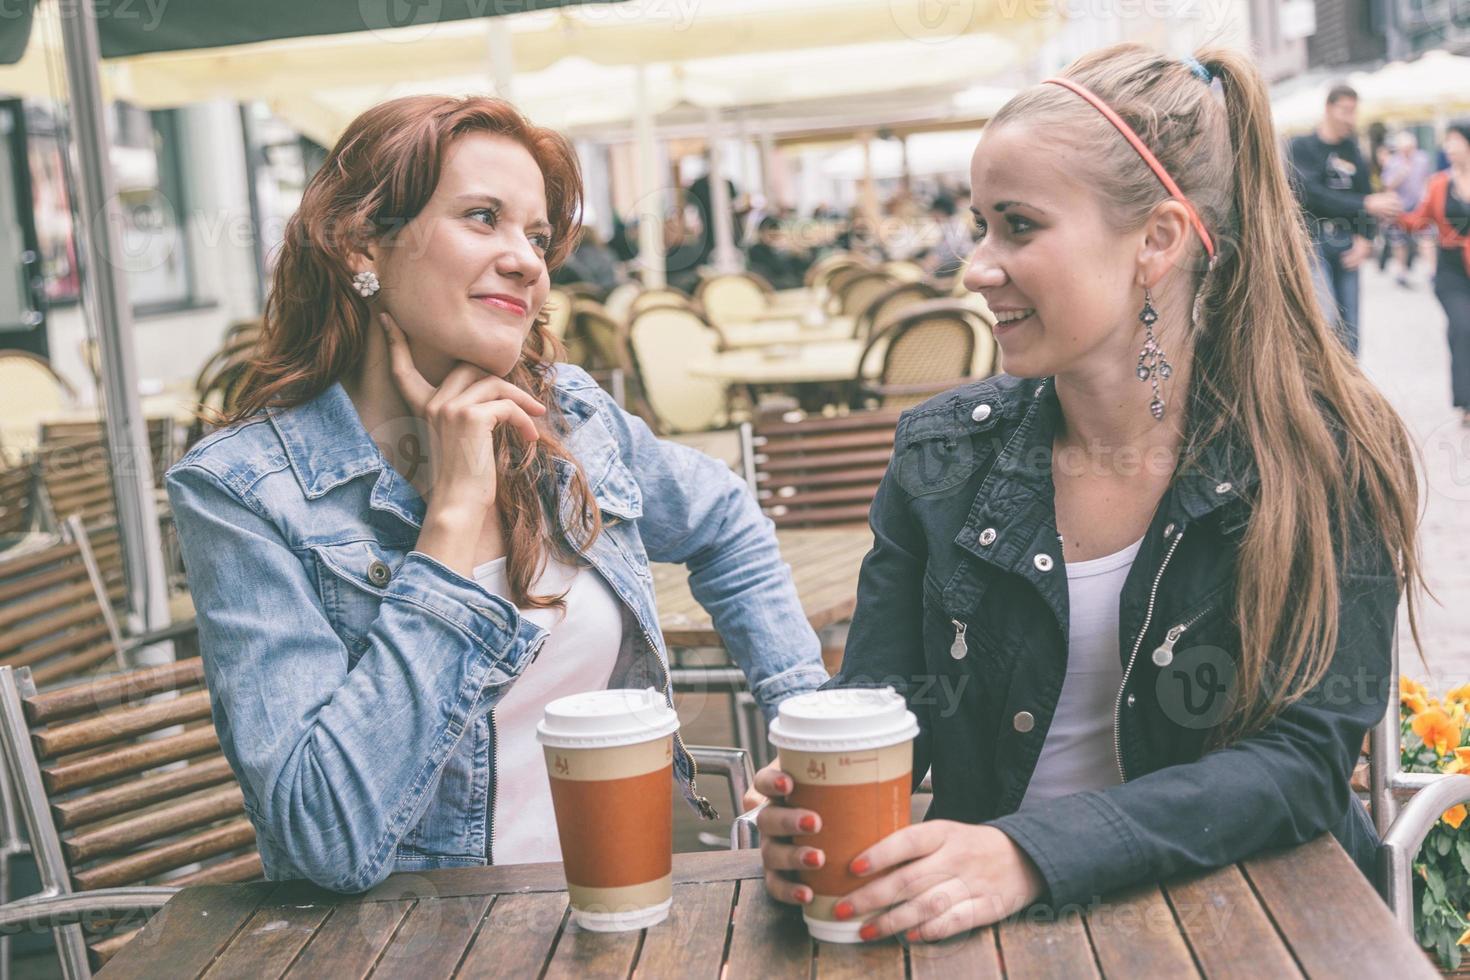 adolescentes bebiendo en el bar foto